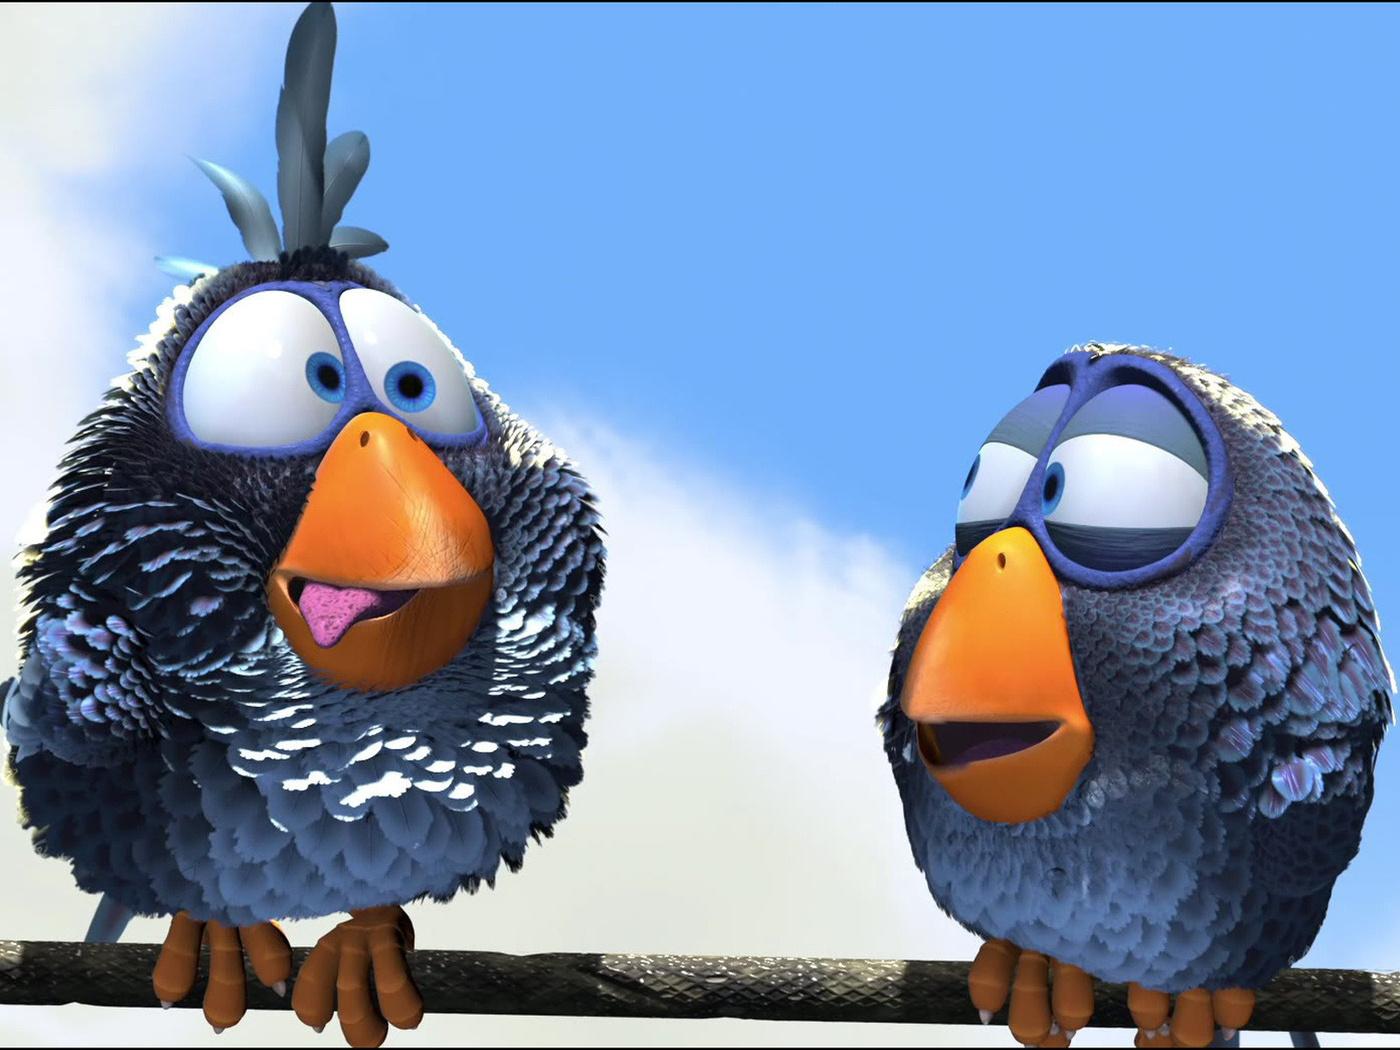 Hd fonds d écran pour les oiseaux les oiseaux dessin animé pixar